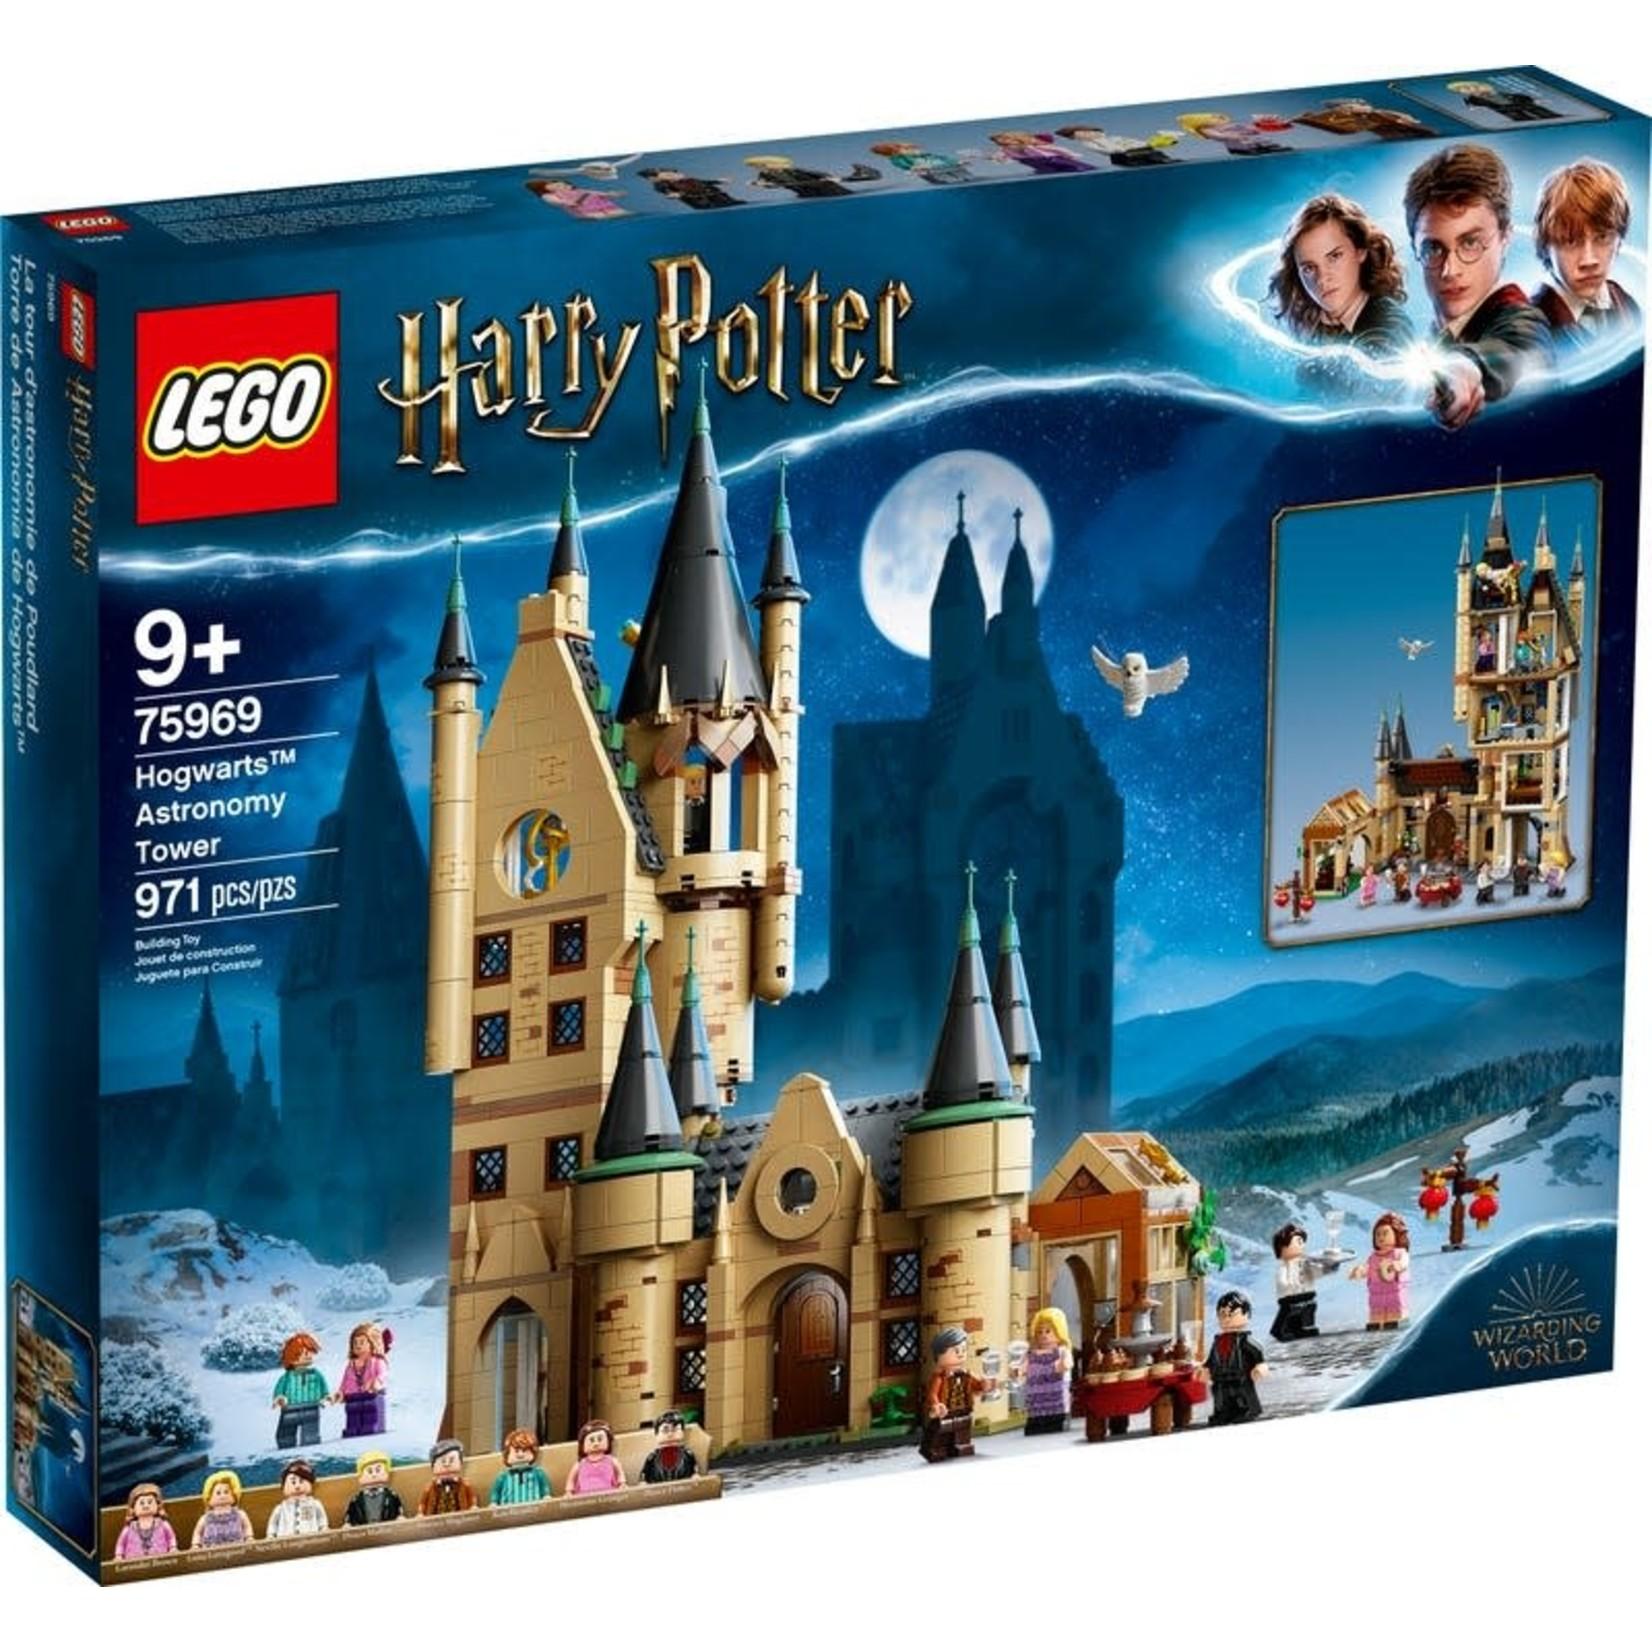 LEGO Lego Harry Potter: Hogwarts Astronomy Tower